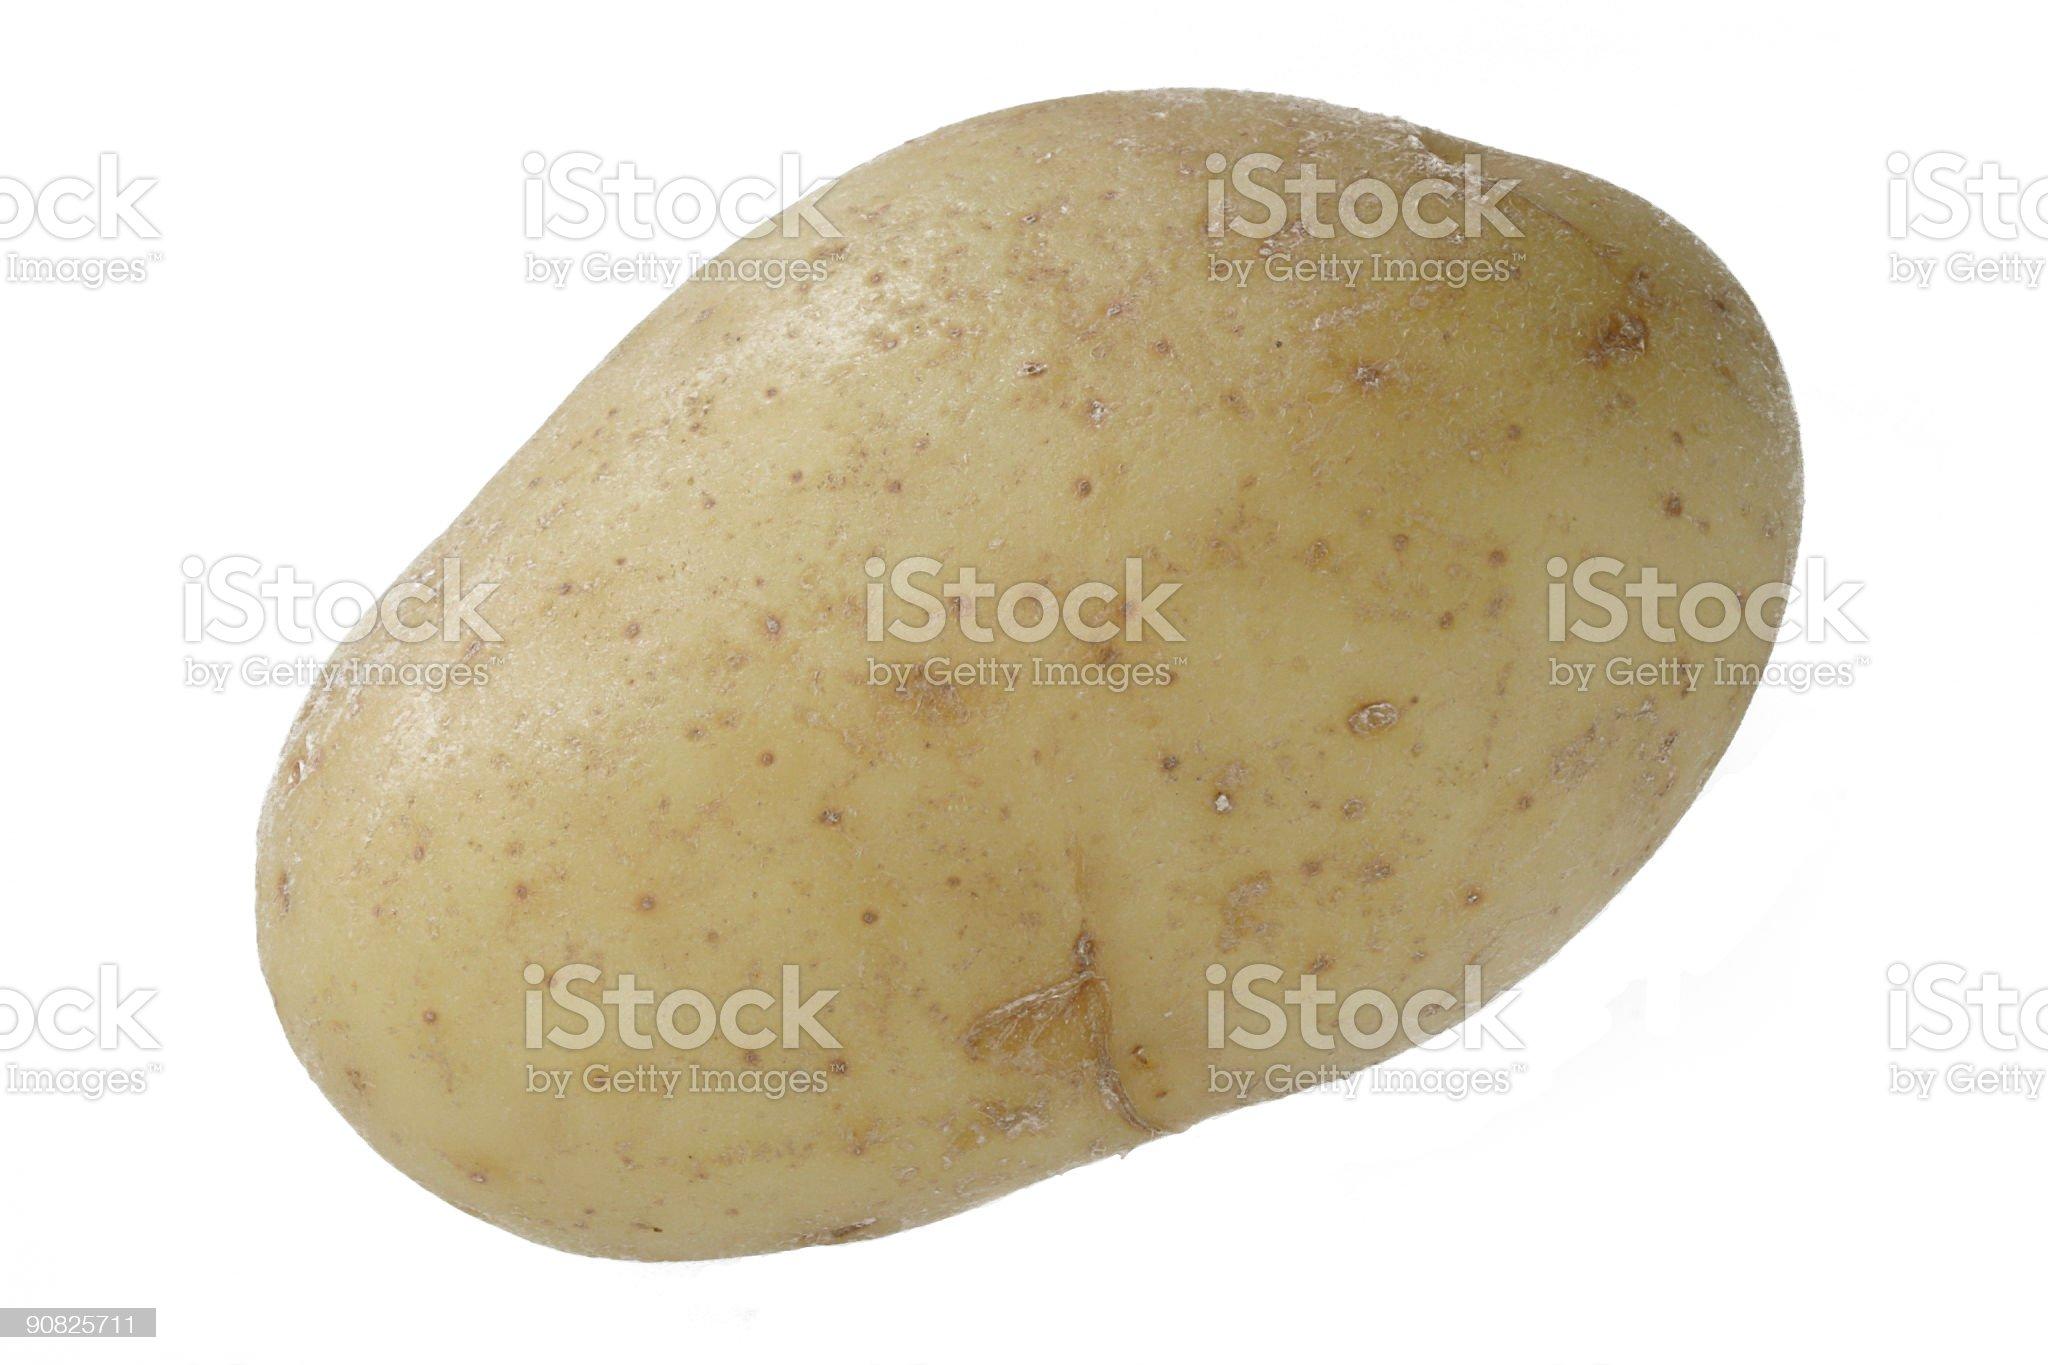 isolated potato royalty-free stock photo